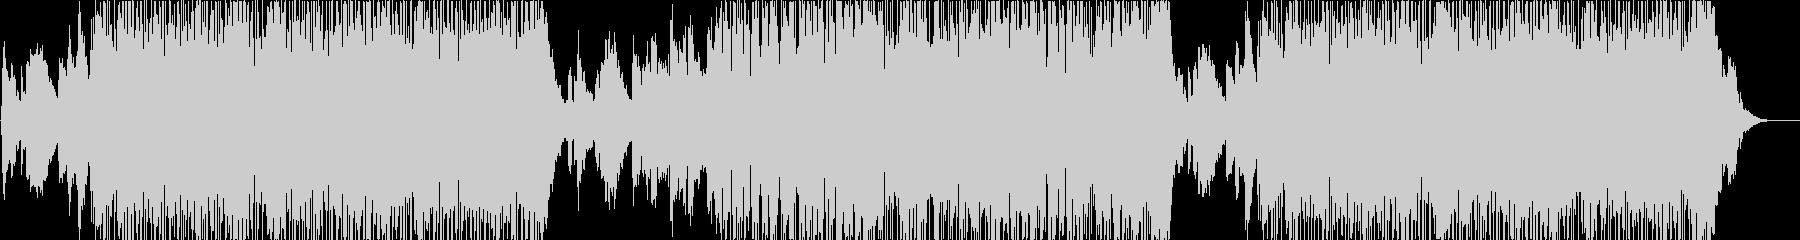 サックスが切ないスムースジャズの未再生の波形